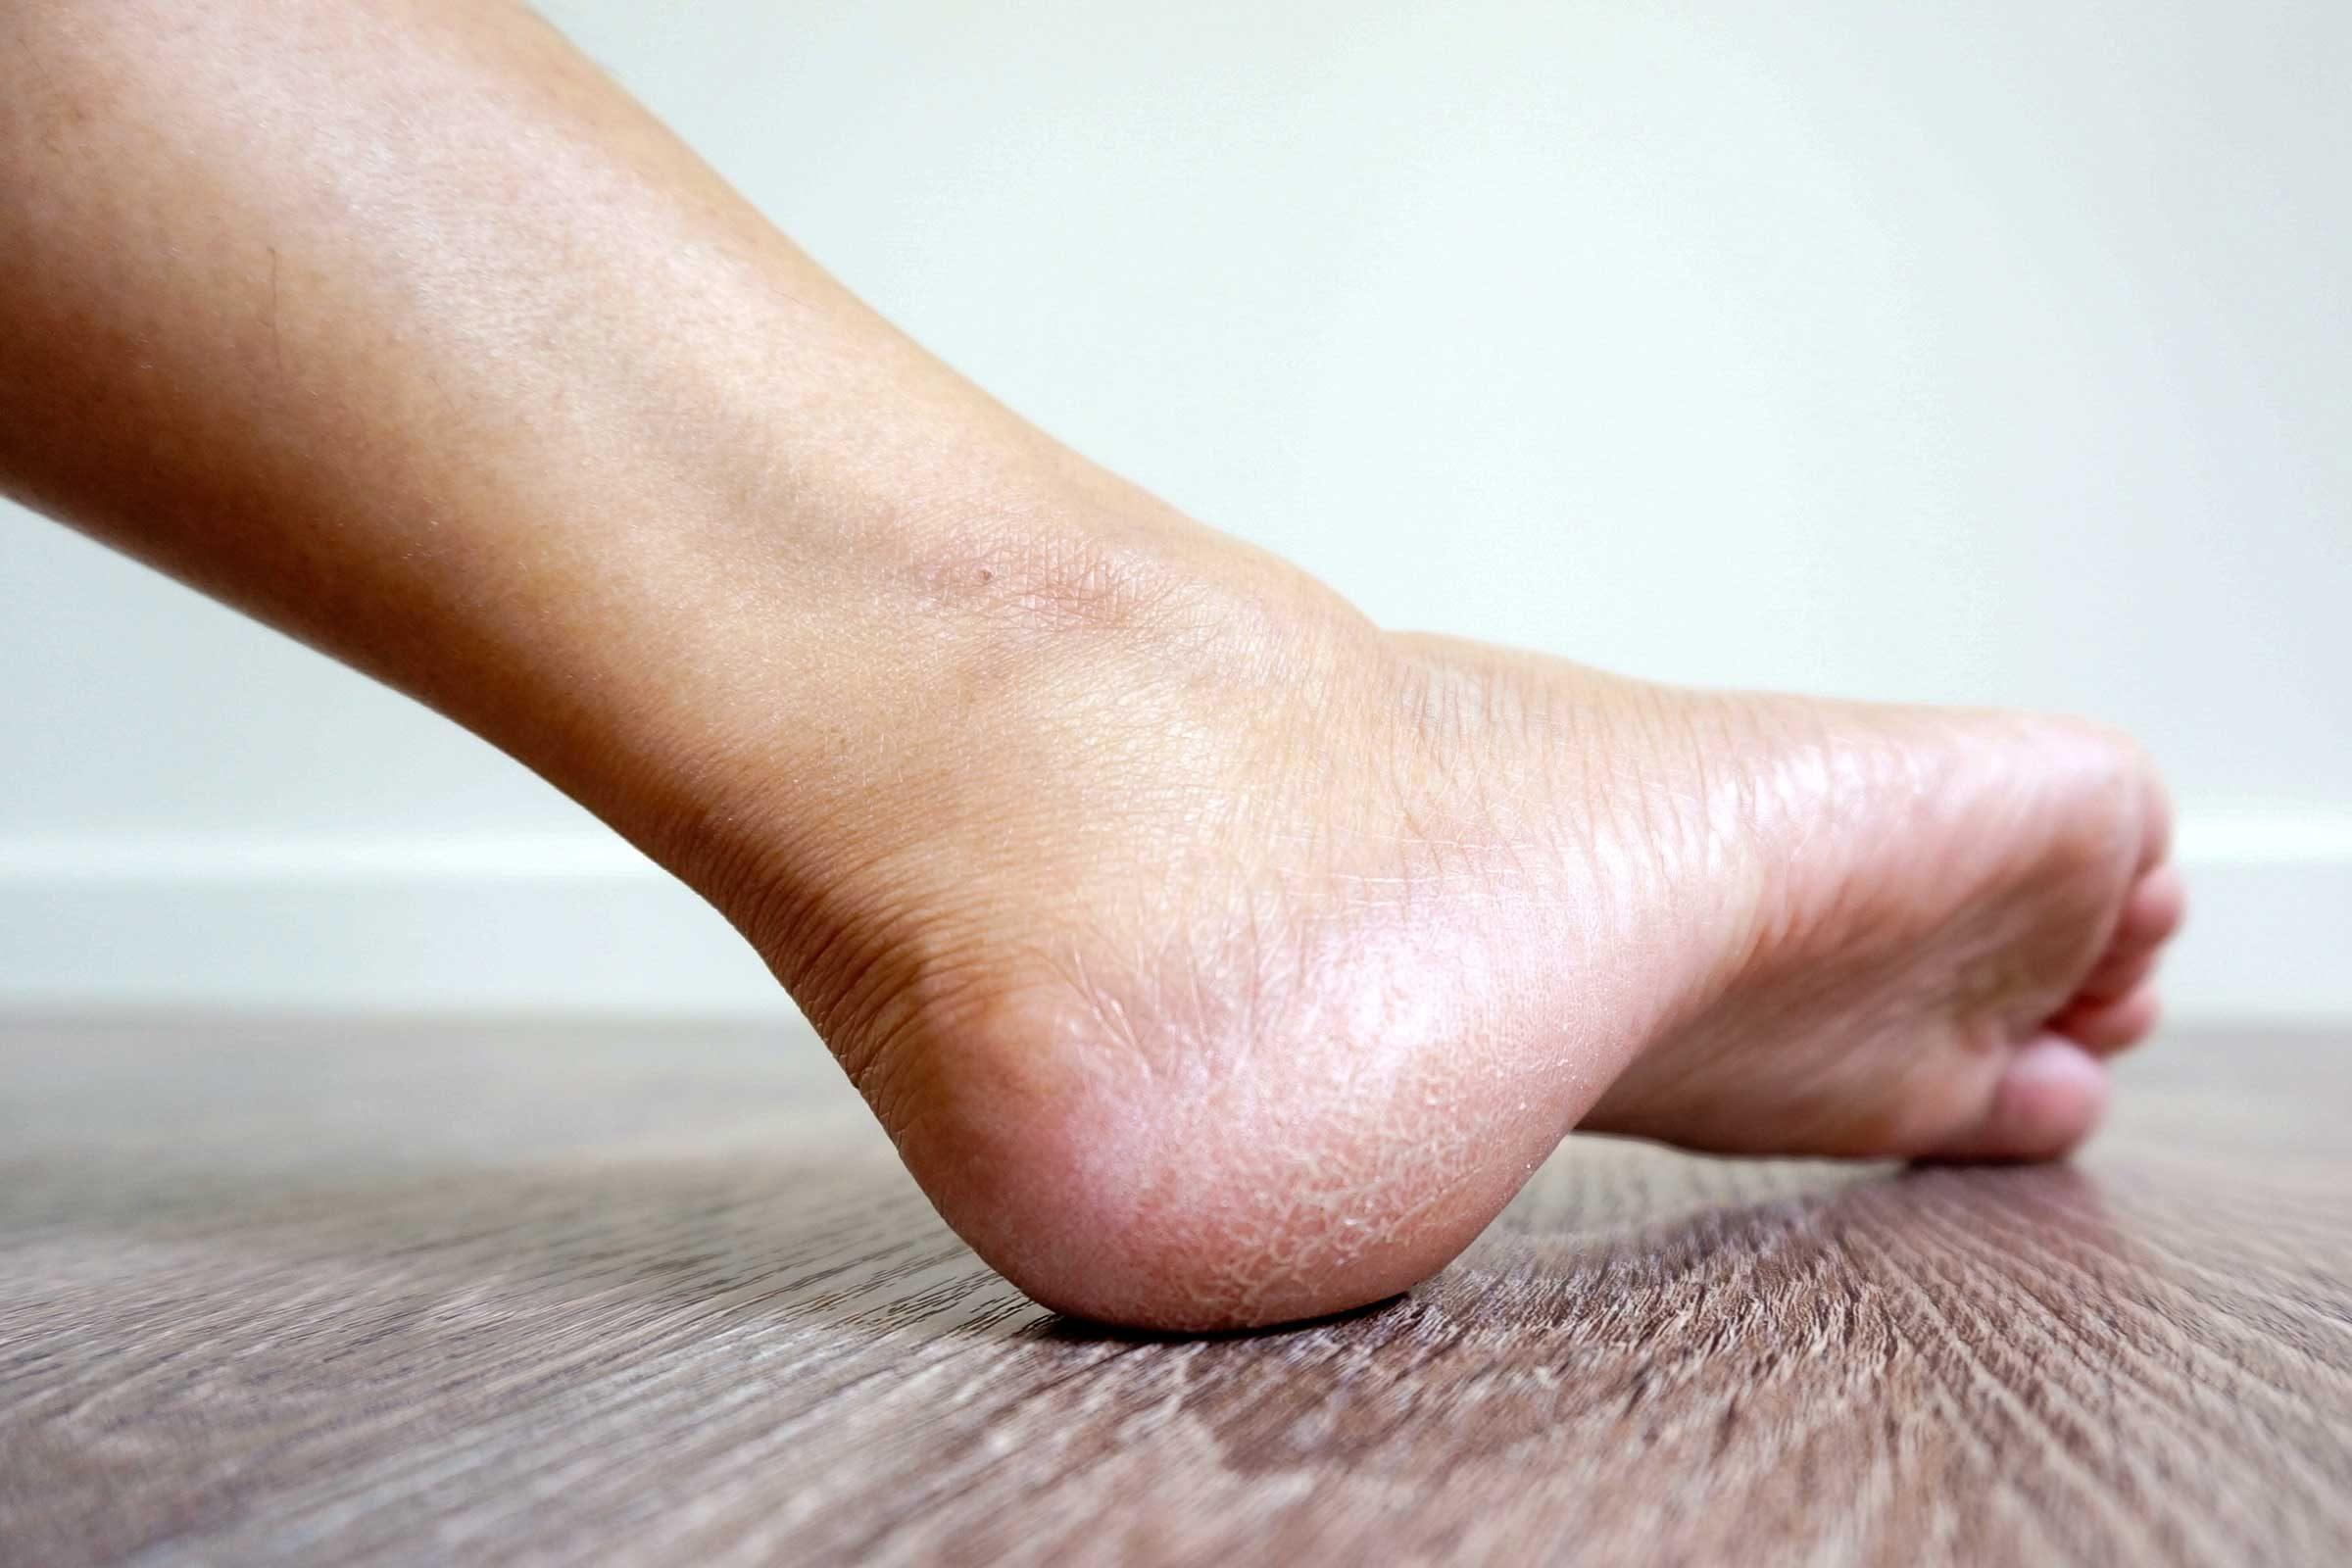 ส้นเท้าแตกเพราะรับน้ำหนักตัวเยอะ